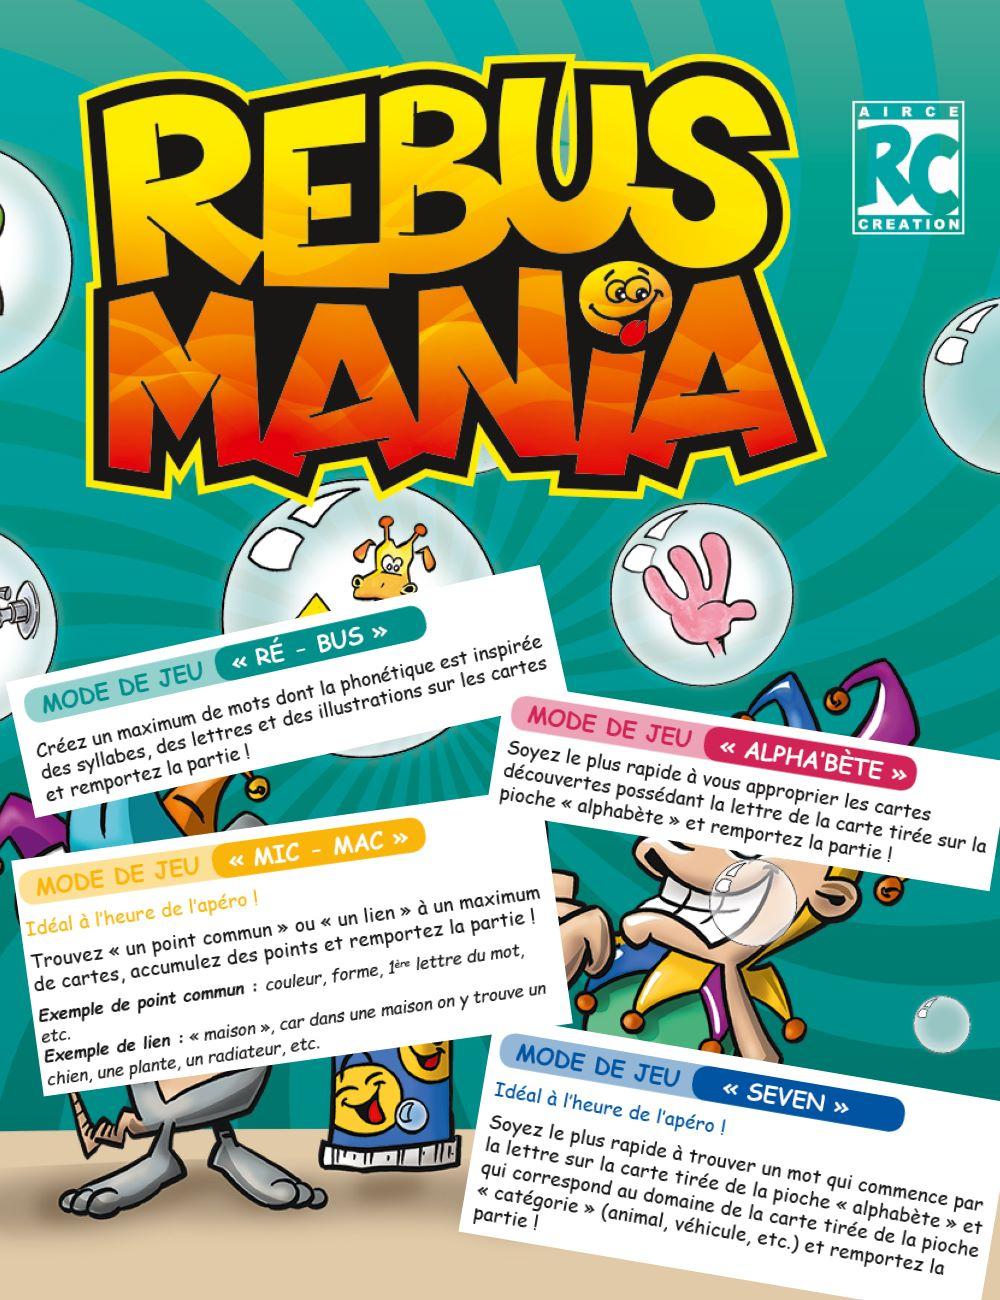 Règles Du Jeu Rebus Mania - Aircé.ch intérieur Jeux De Rebus